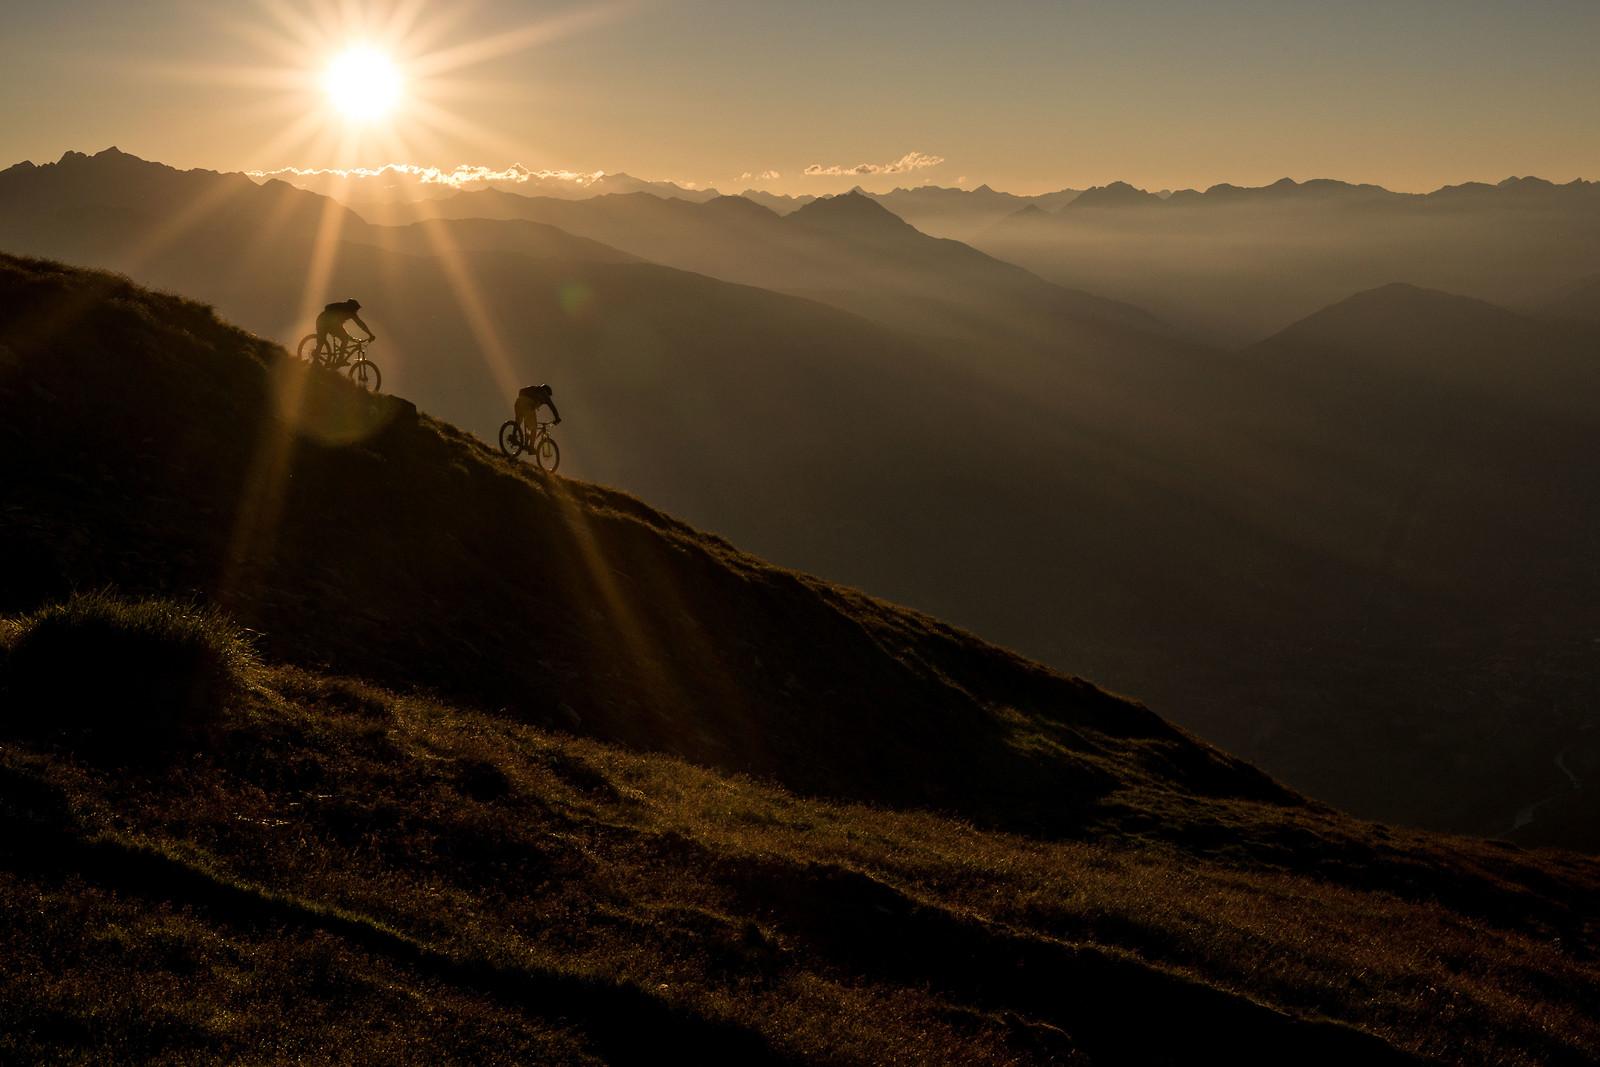 Sunrise Moment - Hannes Klausner - Mountain Biking Pictures - Vital MTB